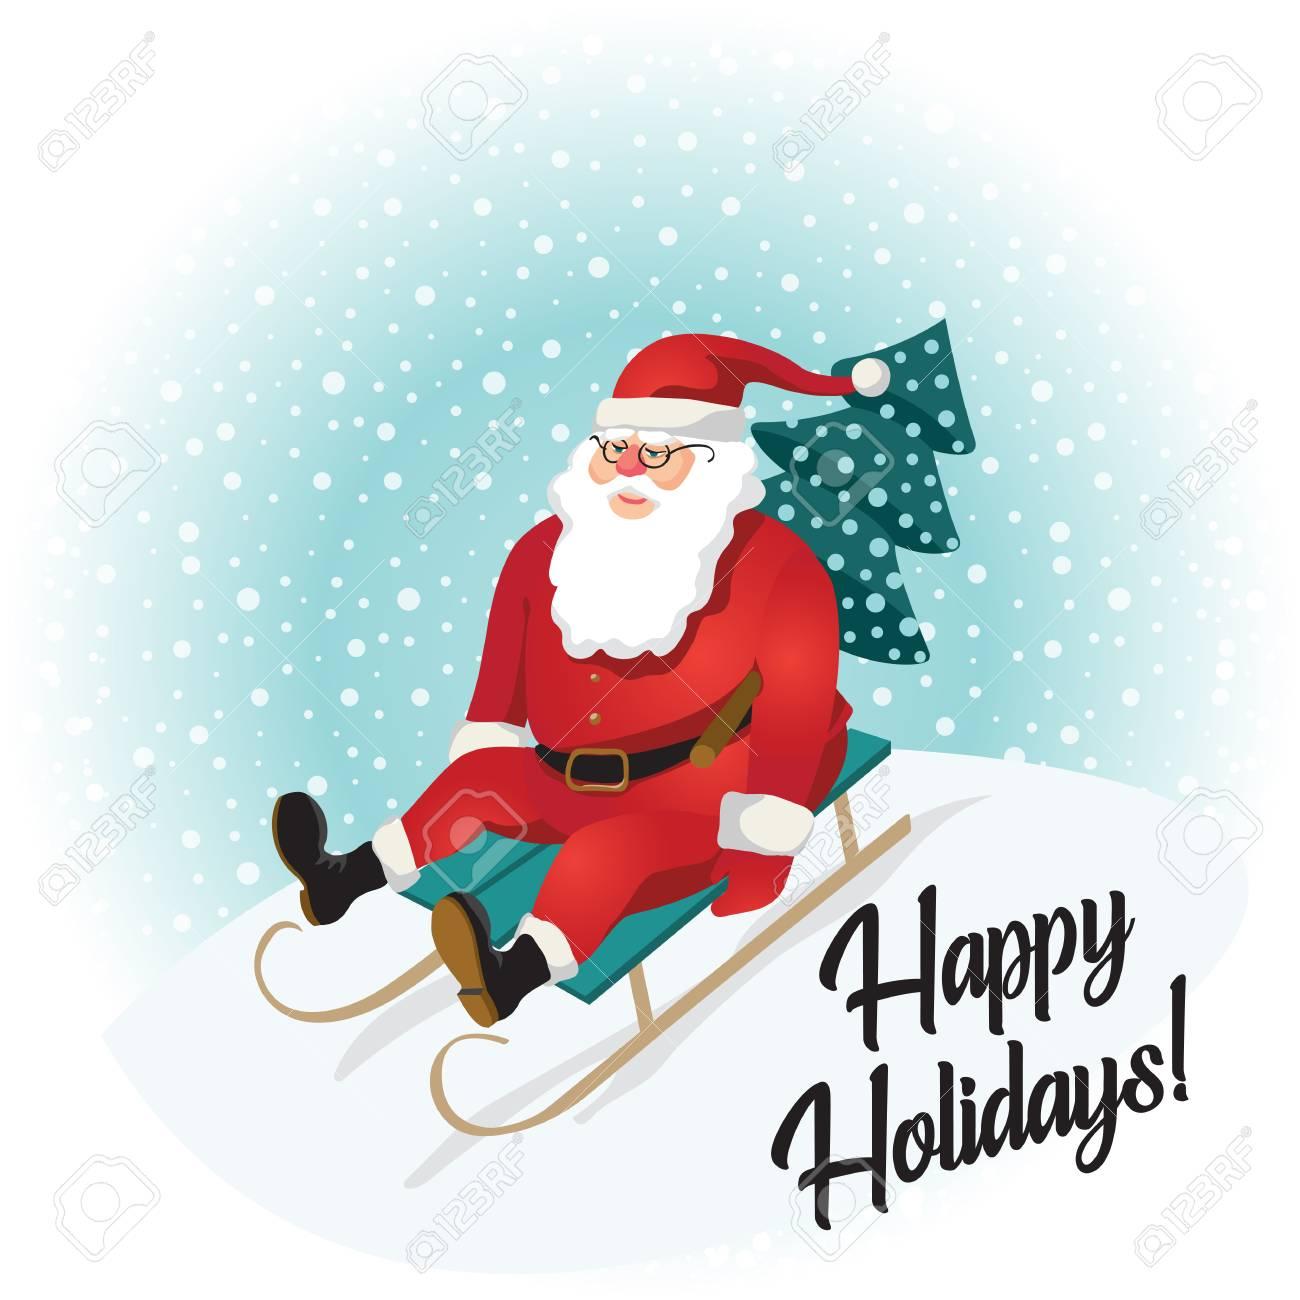 Babbo Natale Immagini Divertenti.Vettoriale Babbo Natale Divertente Che Sledding Con Le Montagne